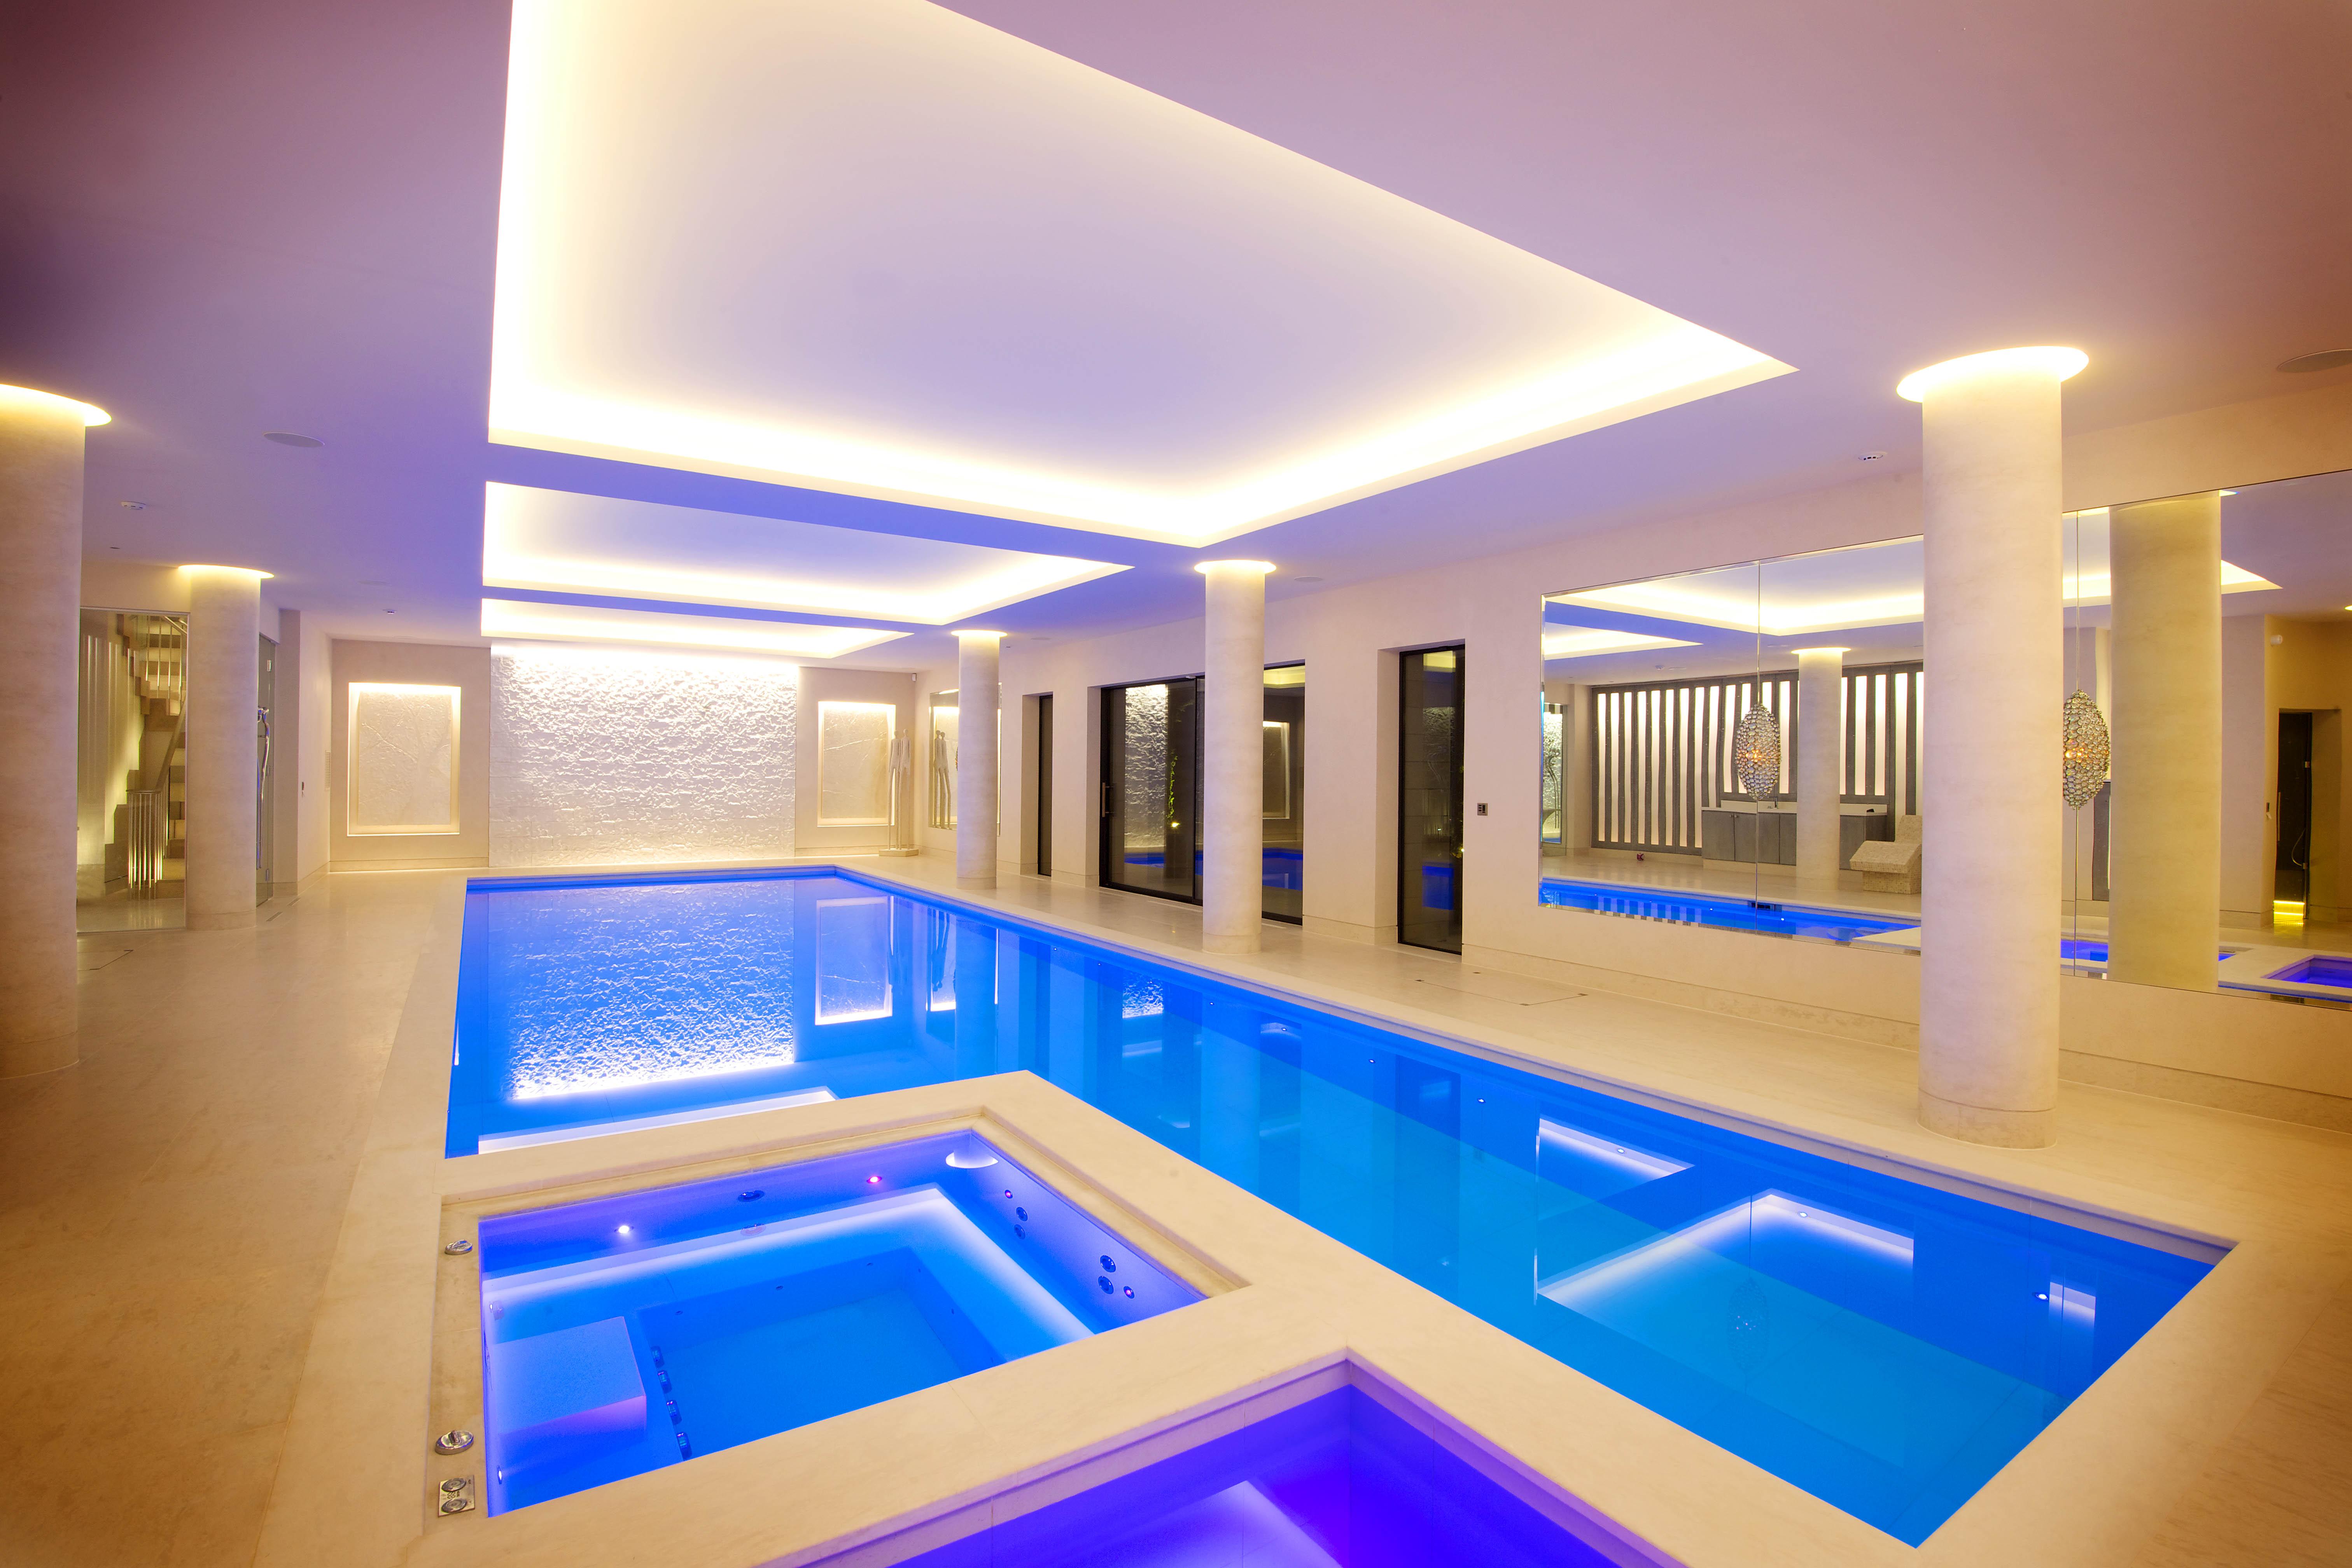 emejing residential indoor pools ideas - interior design ideas